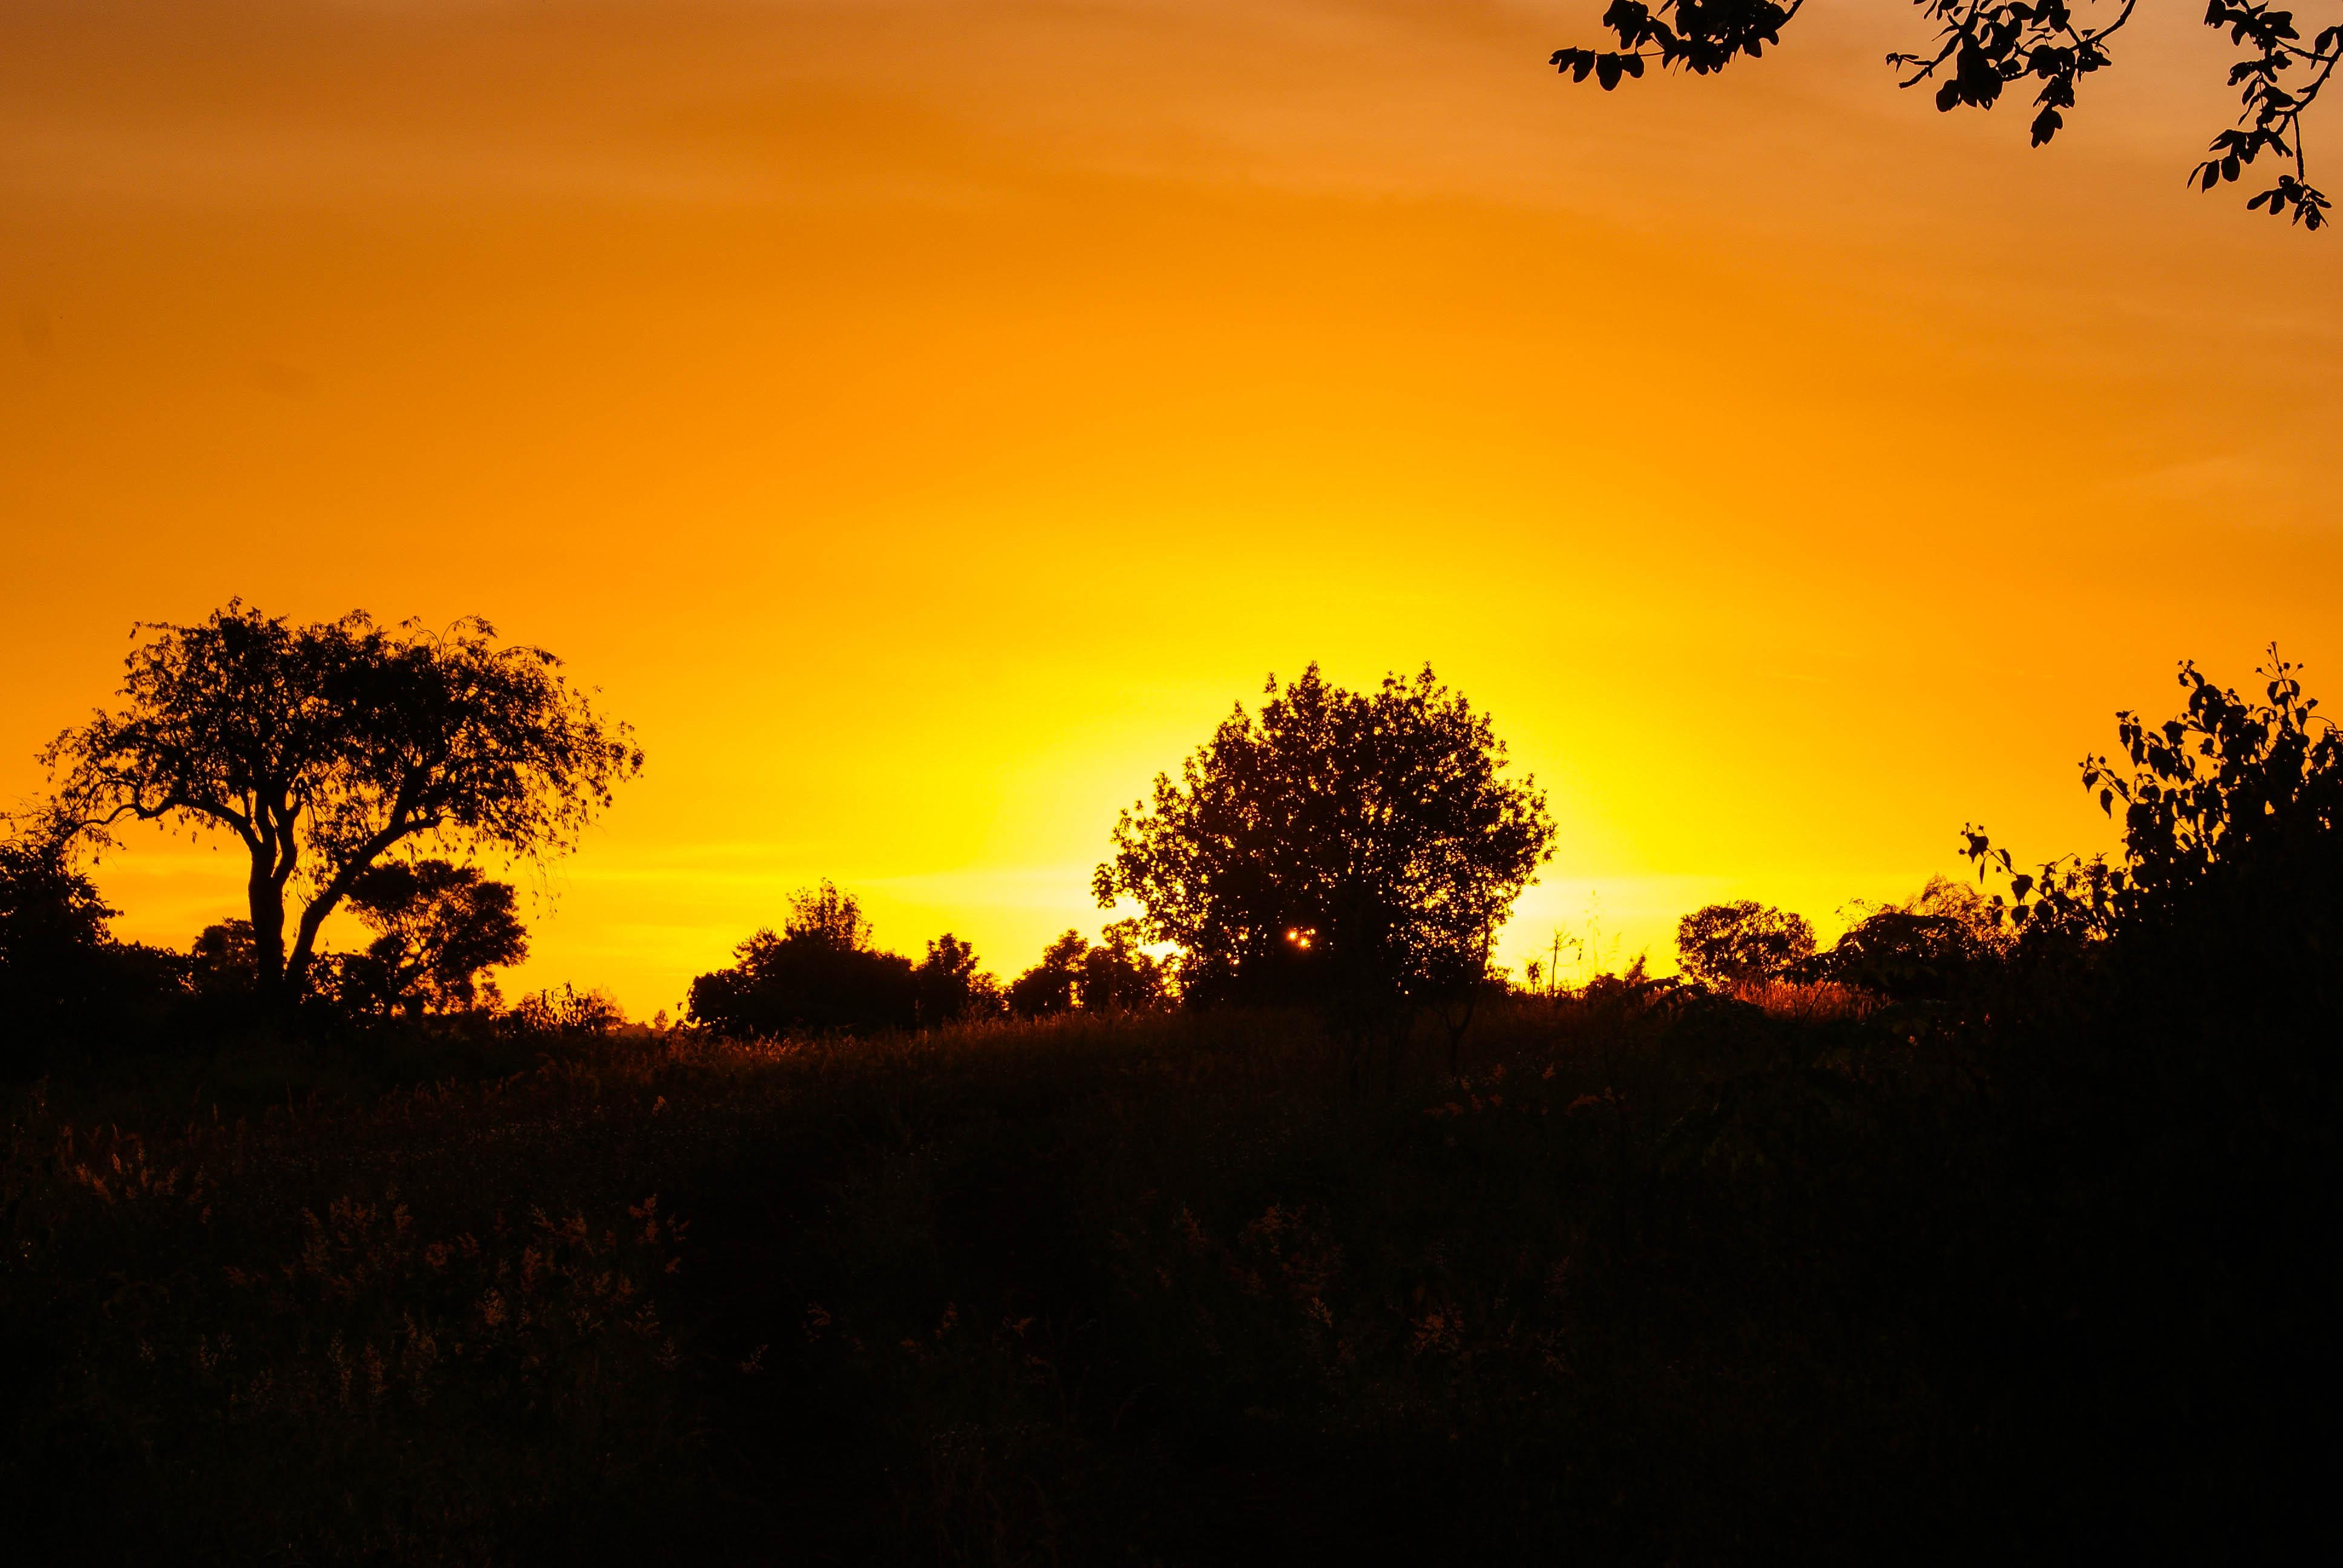 Till the Sun Rises Again by praline815